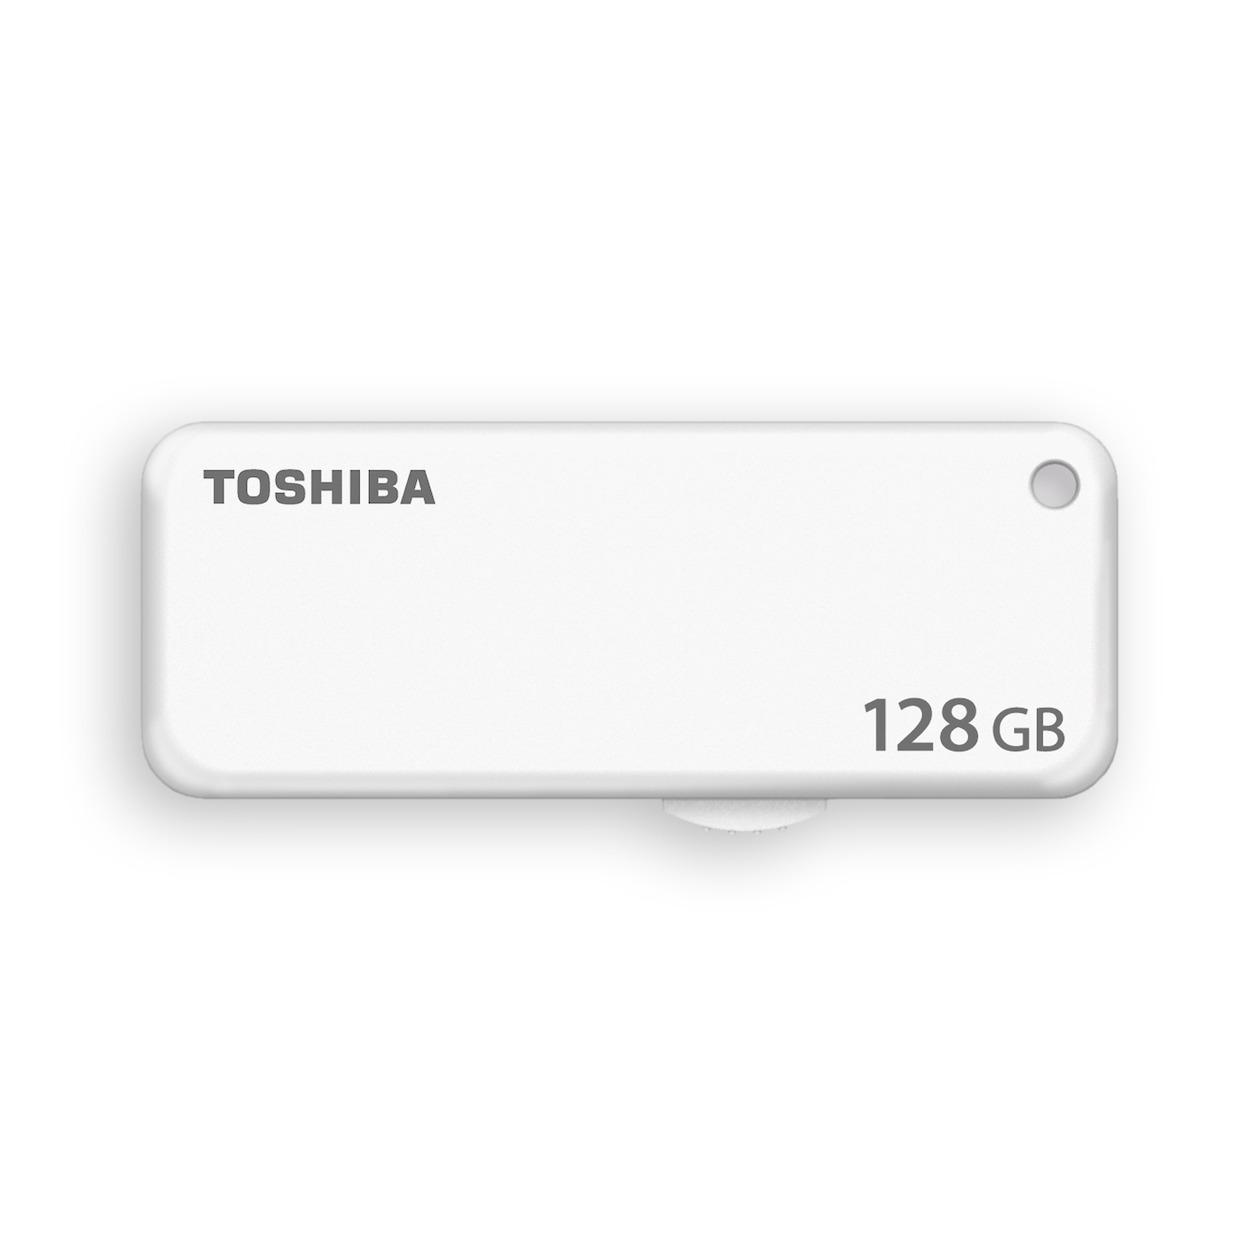 Toshiba usb-sticks TransMemory U203 128GB (USB 2.0) wit